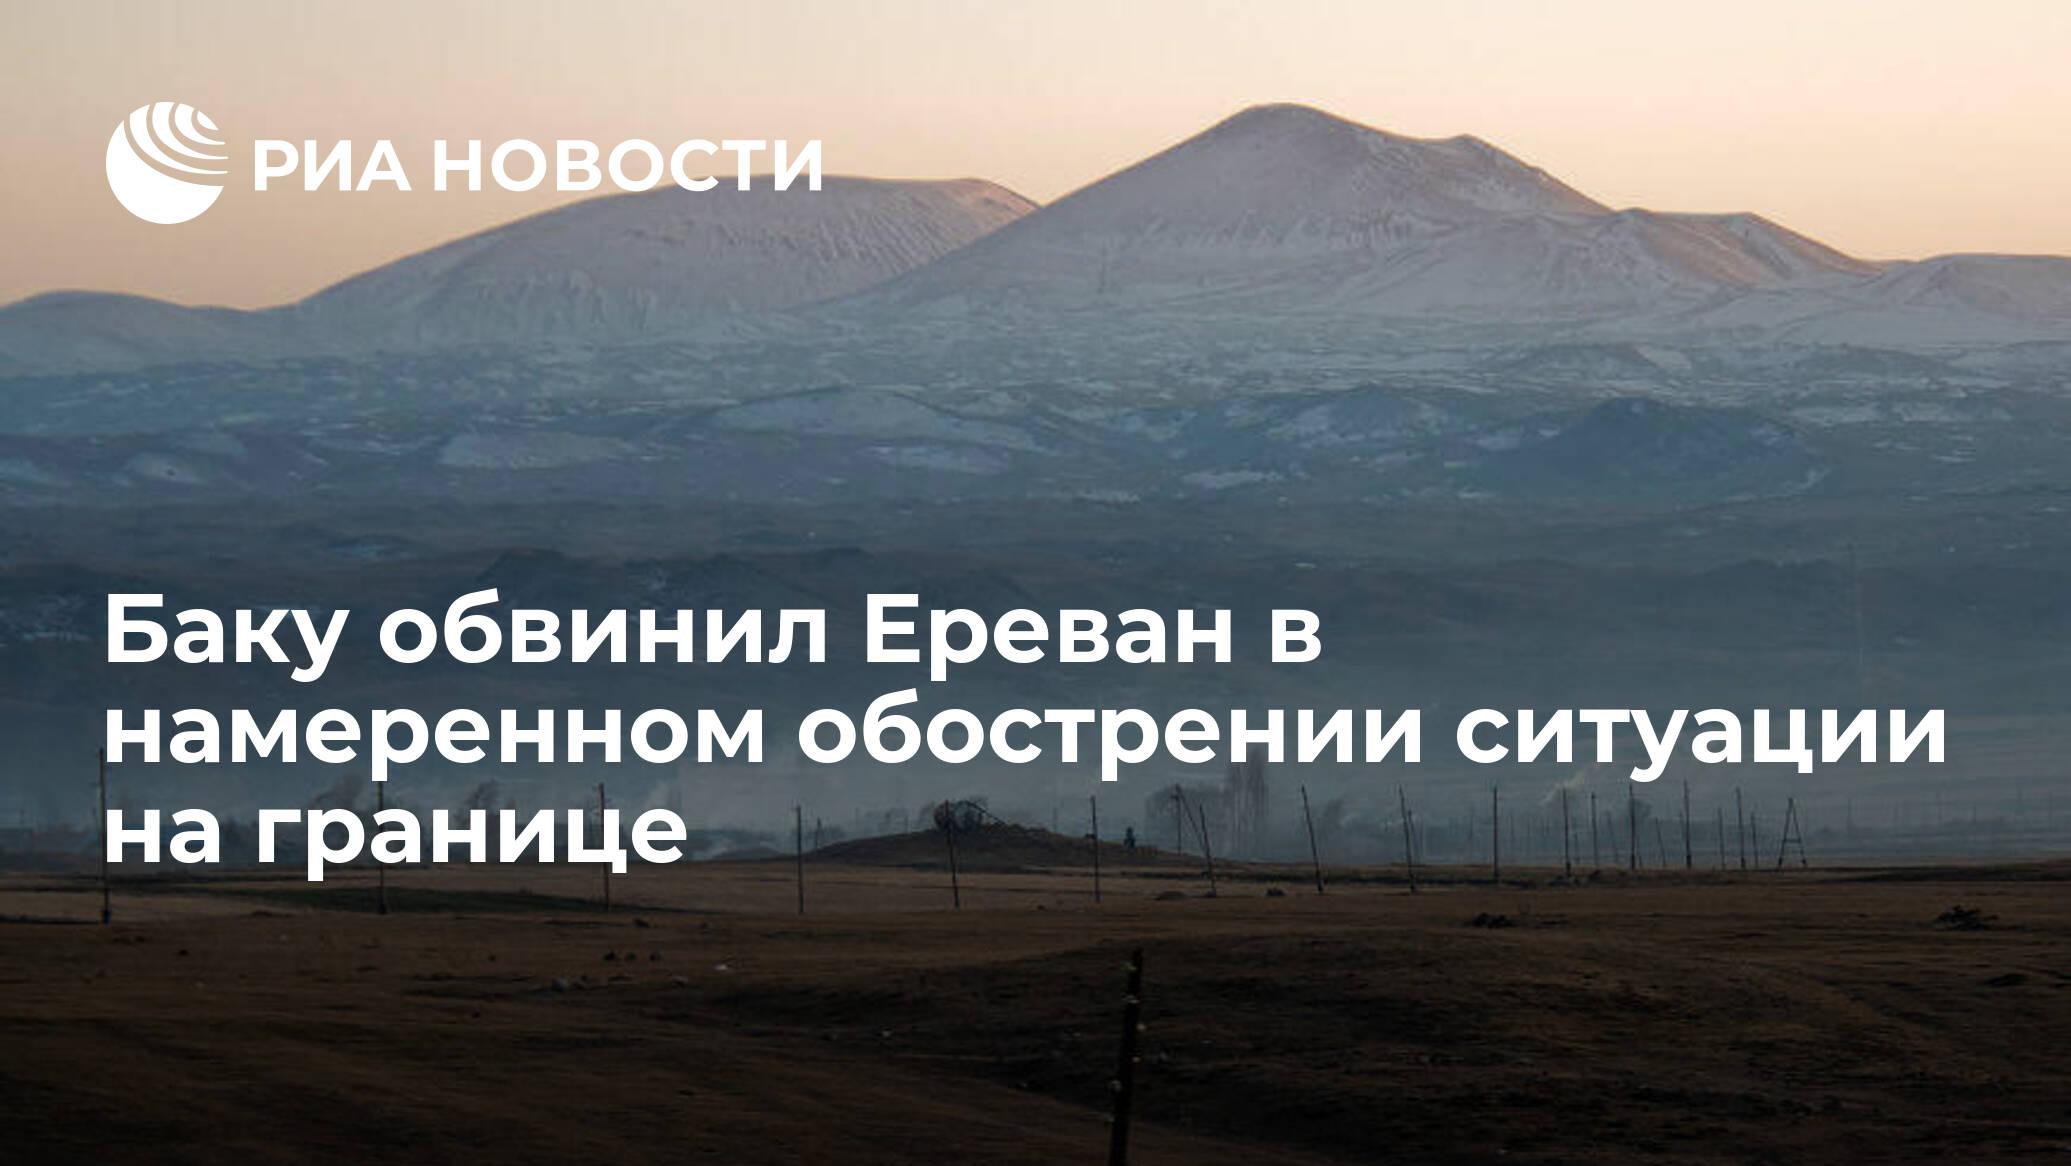 Баку обвинил Ереван в намеренном обострении ситуации на границе